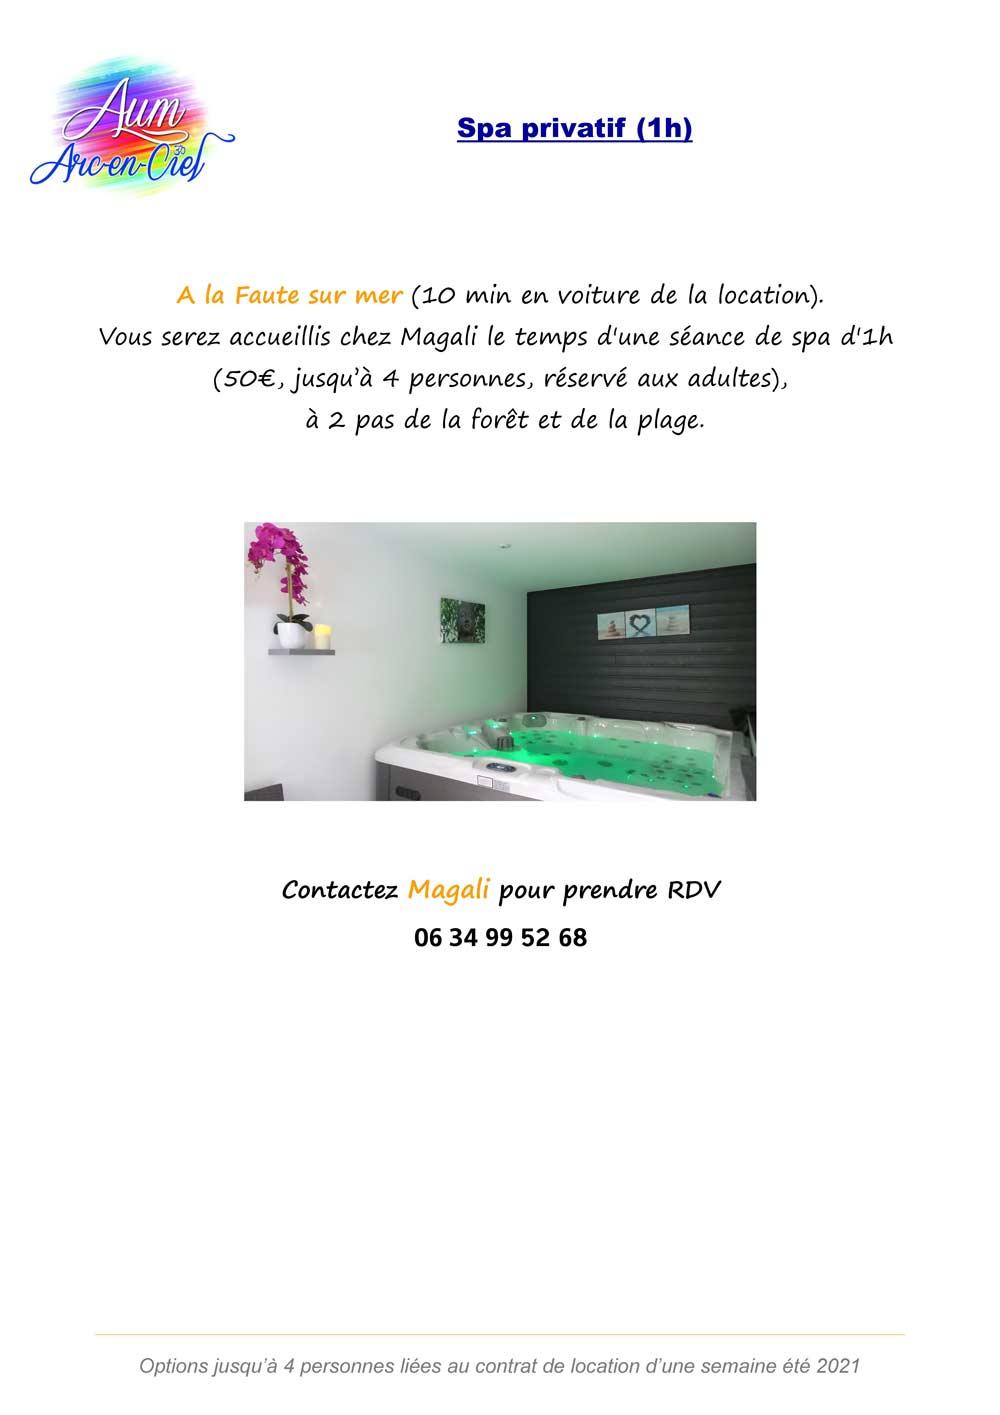 Options BIEN-ETRE 2021 spa